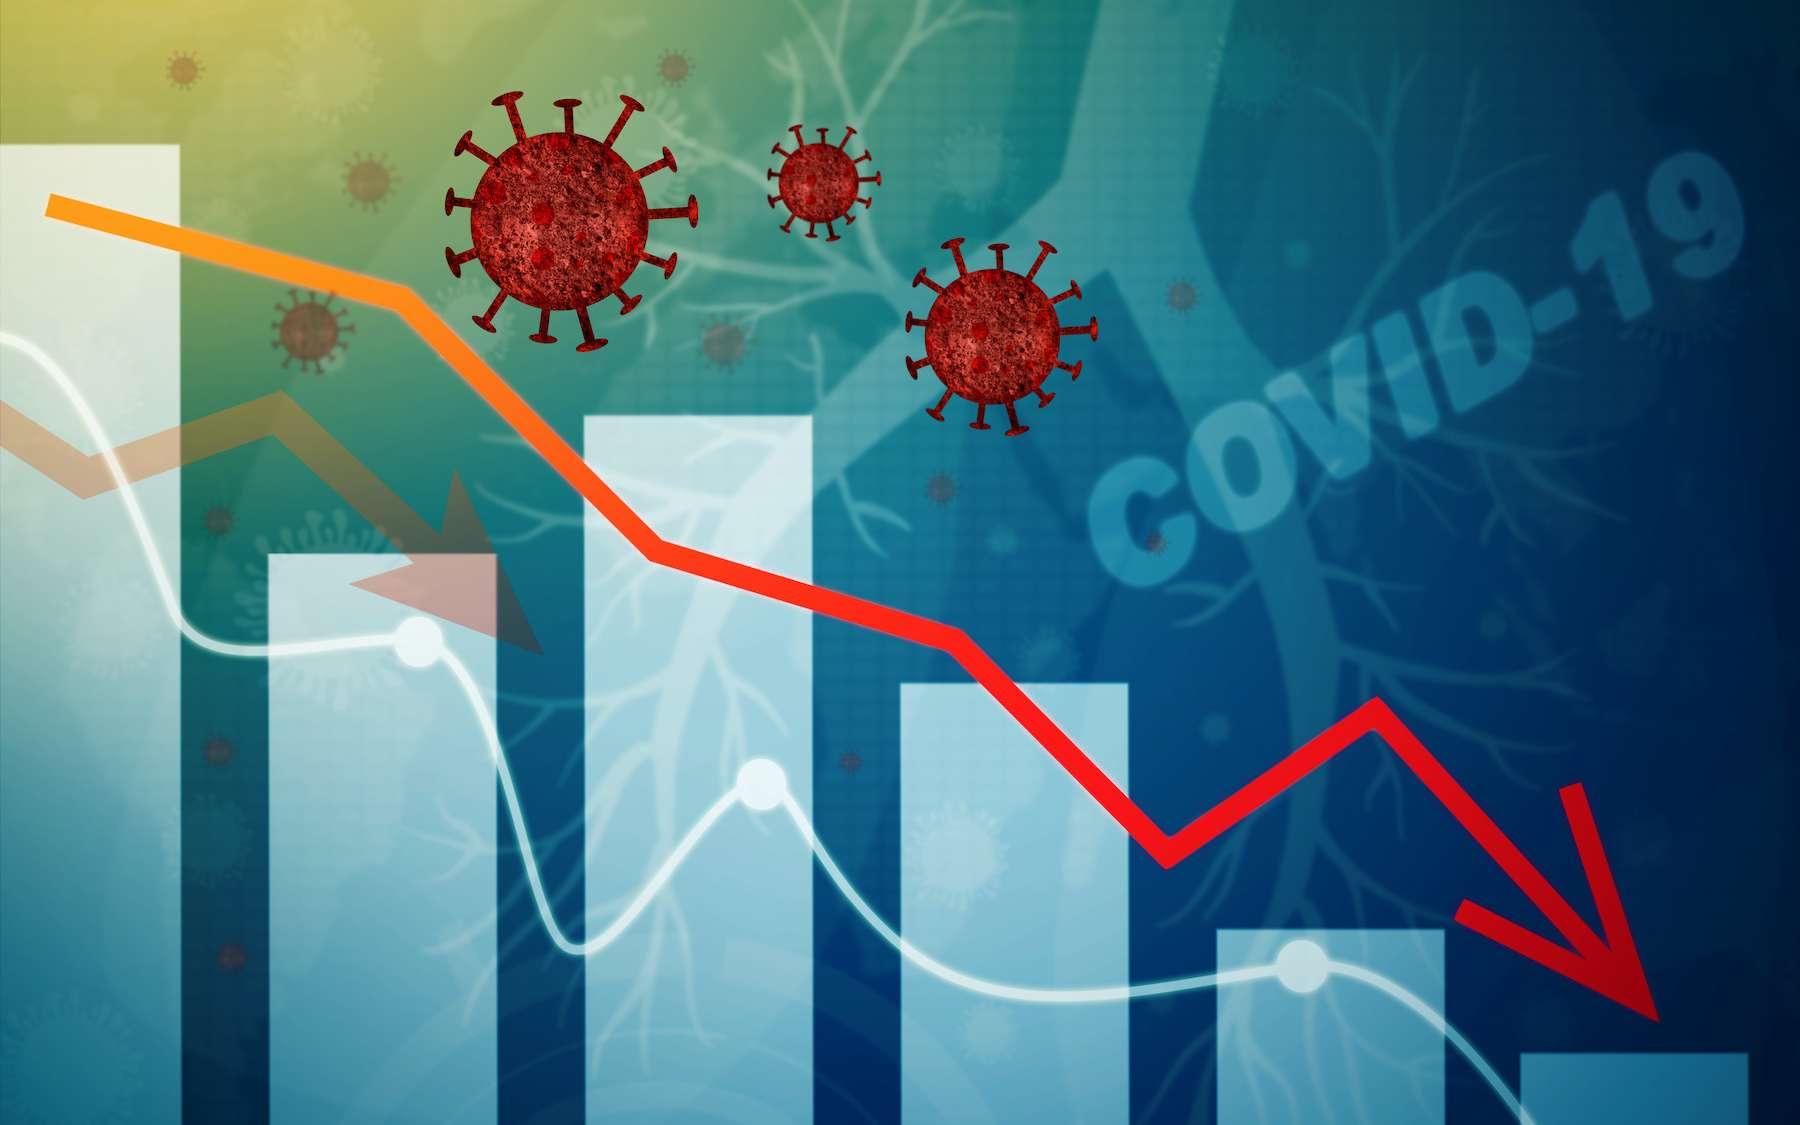 L'épidémie de grippe saisonnière a été stoppée prématurément par les mesures mises en place contre la Covid-19. © Creativa Images, Adobe Stock